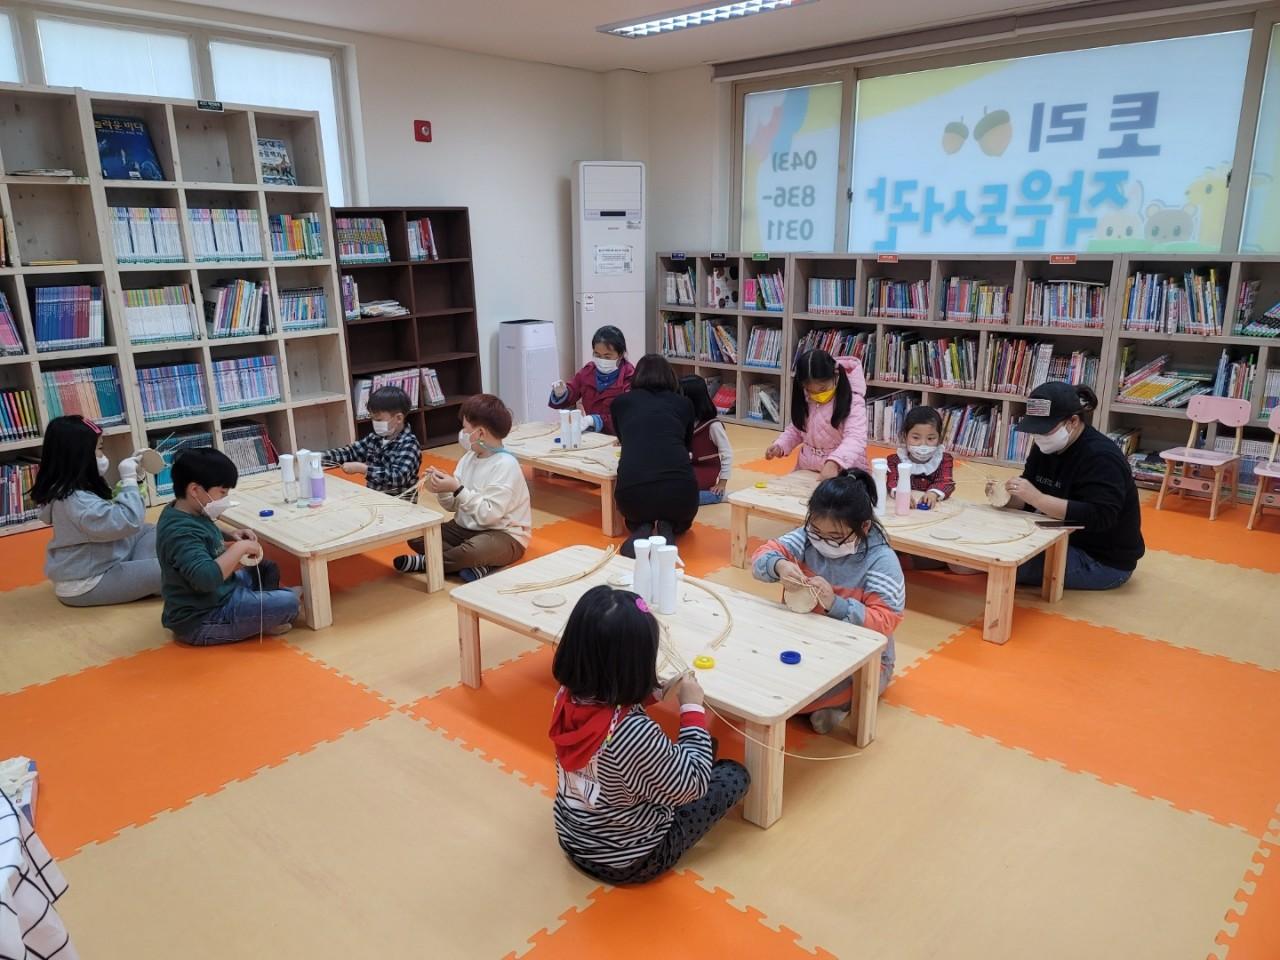 증평 천년나무 아파트, LH 작은도서관 리모델링 공모 선정 [이미지]